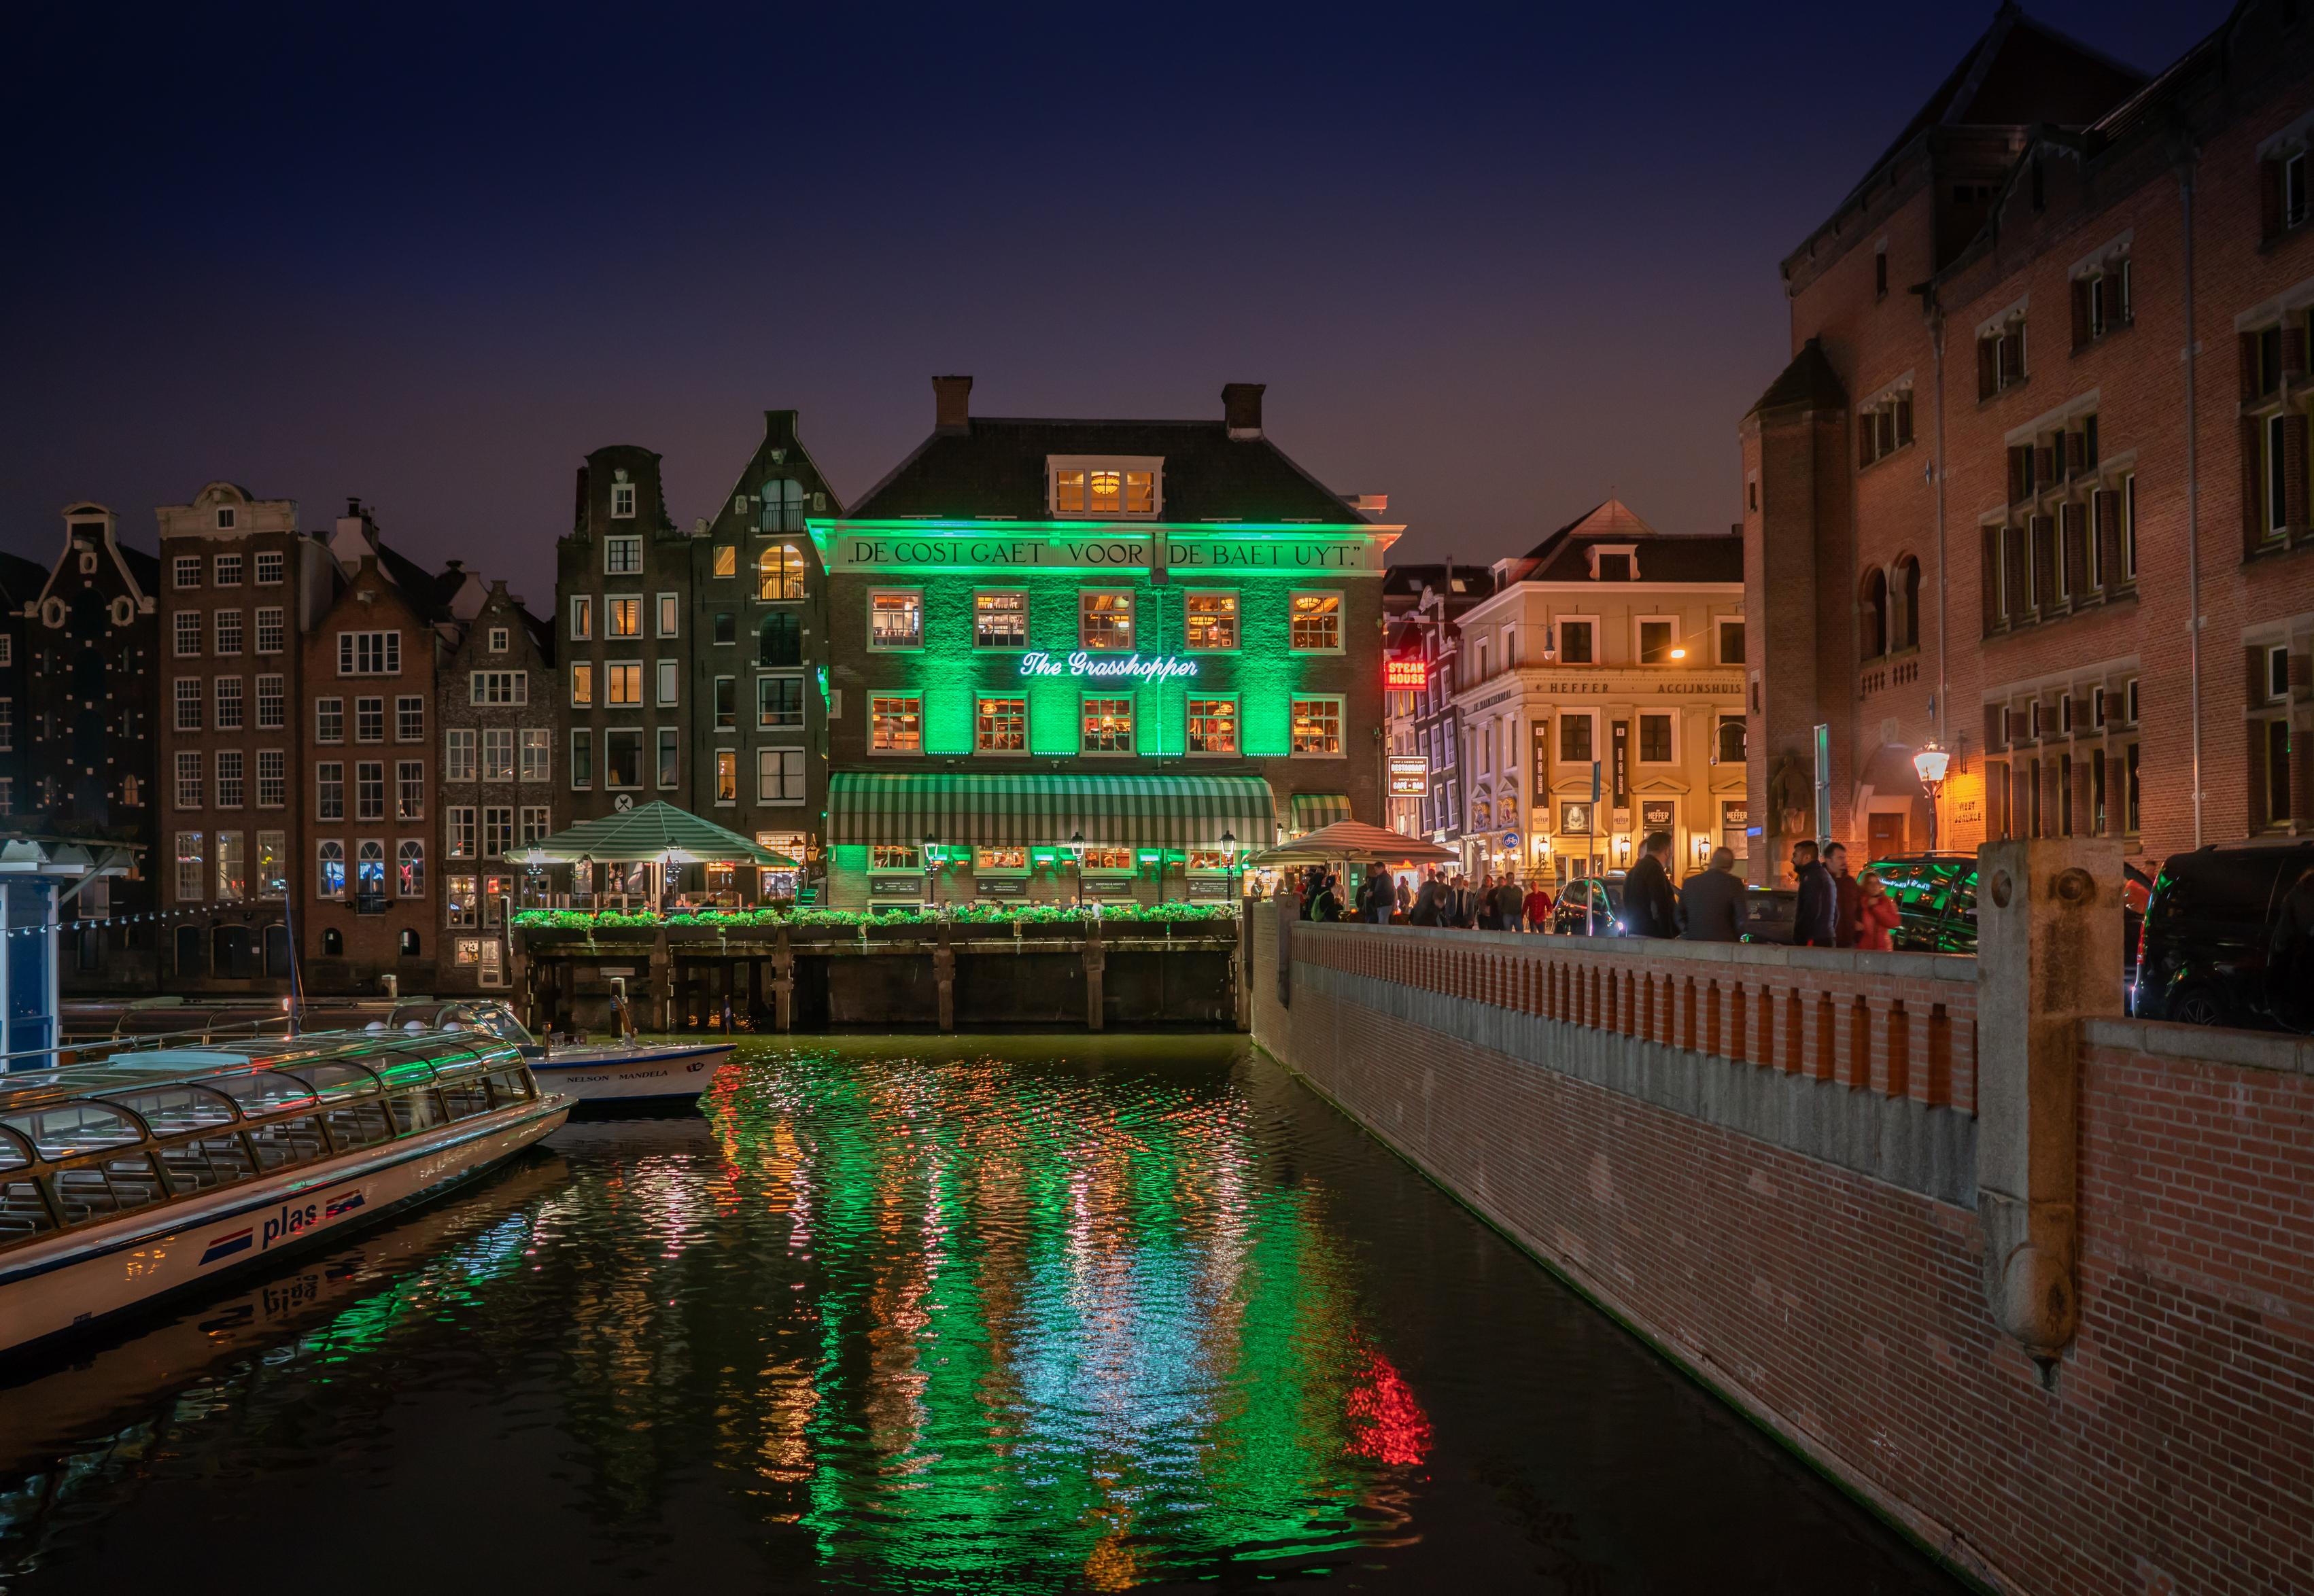 Vendita Case In Olanda ecco come sono nati i coffeeshop olandesi | mjpassion